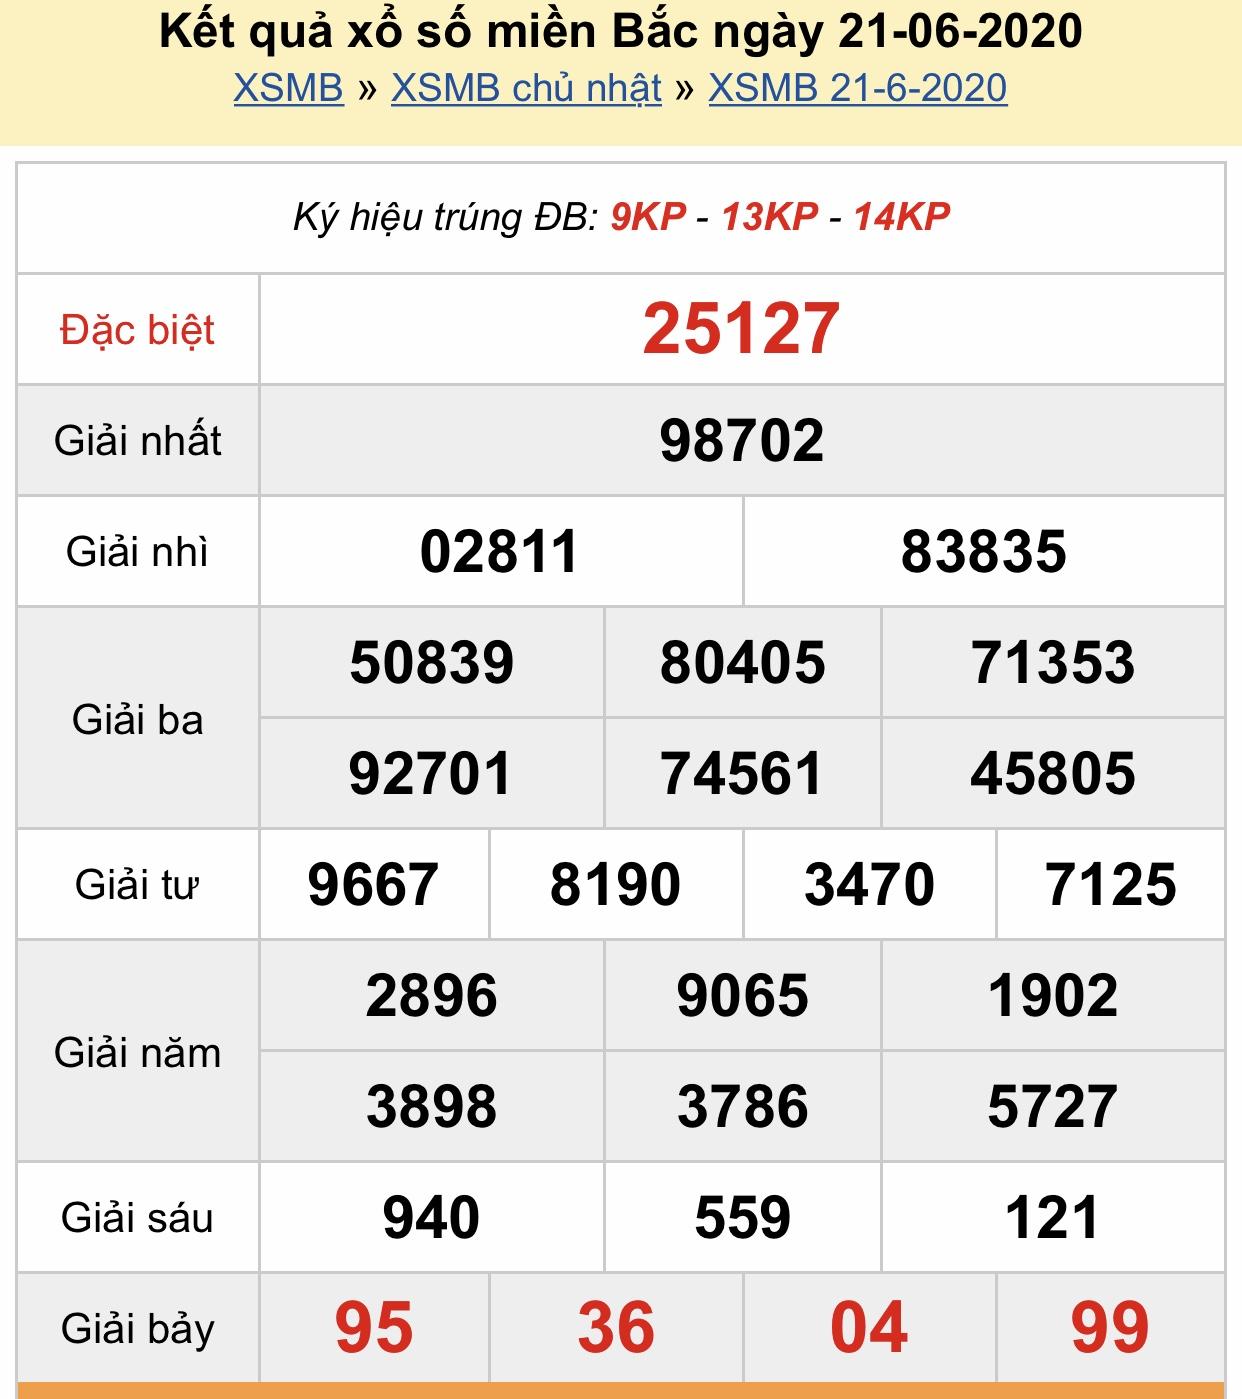 Xsmb 22 6 Kết Quả Xổ Số Miền Bắc Hom Nay Thứ 2 Ngay 22 6 2020